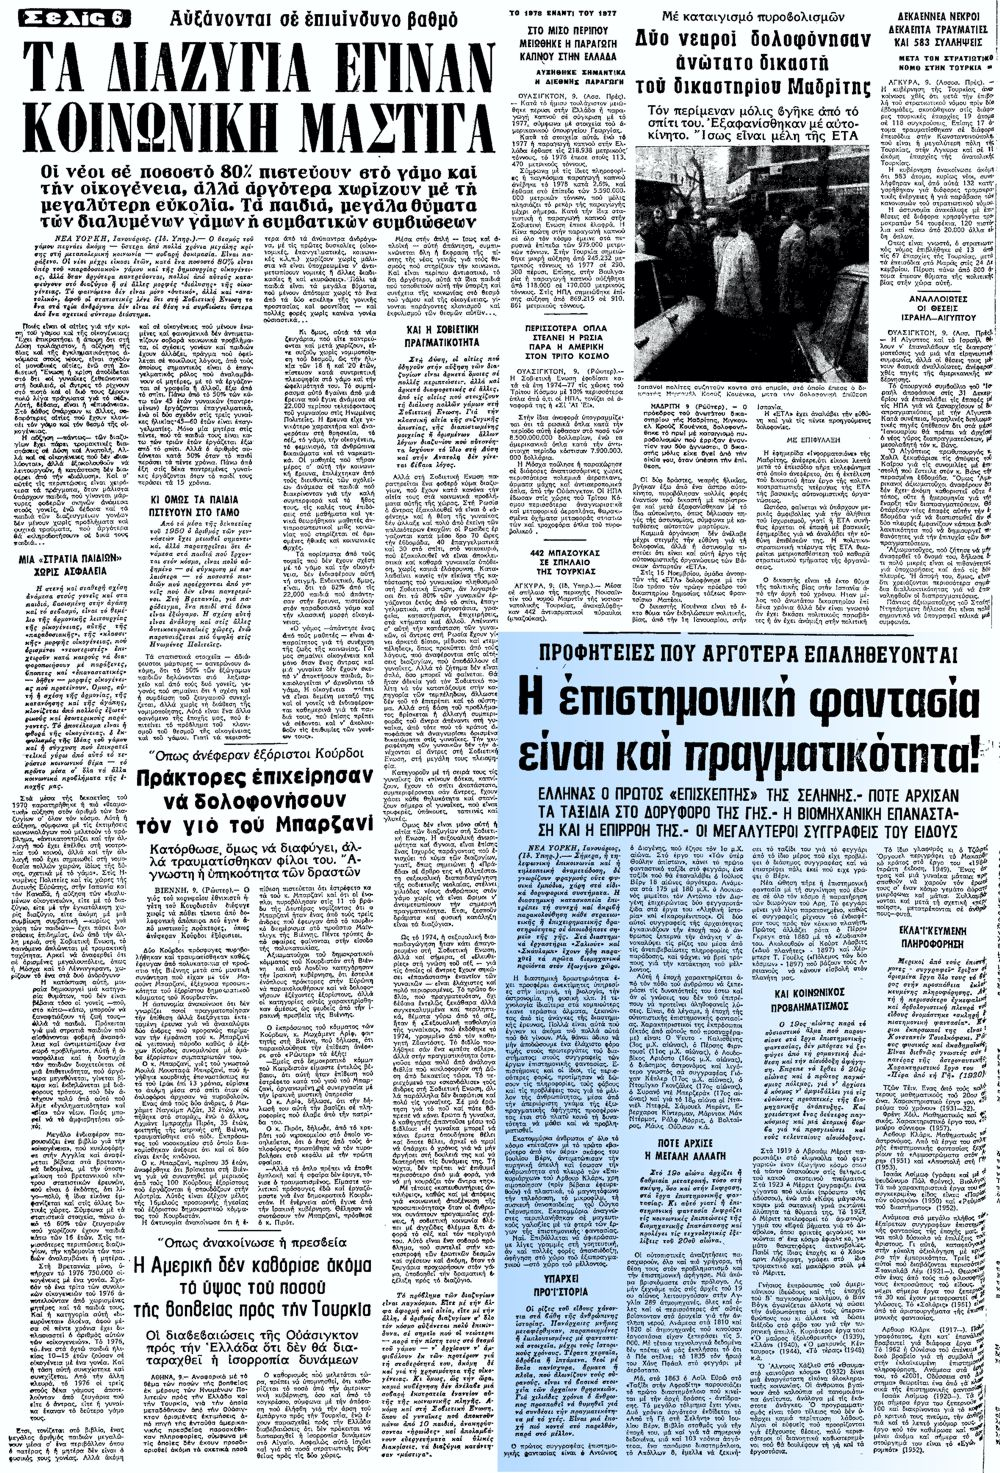 """Το άρθρο, όπως δημοσιεύθηκε στην εφημερίδα """"ΜΑΚΕΔΟΝΙΑ"""", στις 10/01/1979"""